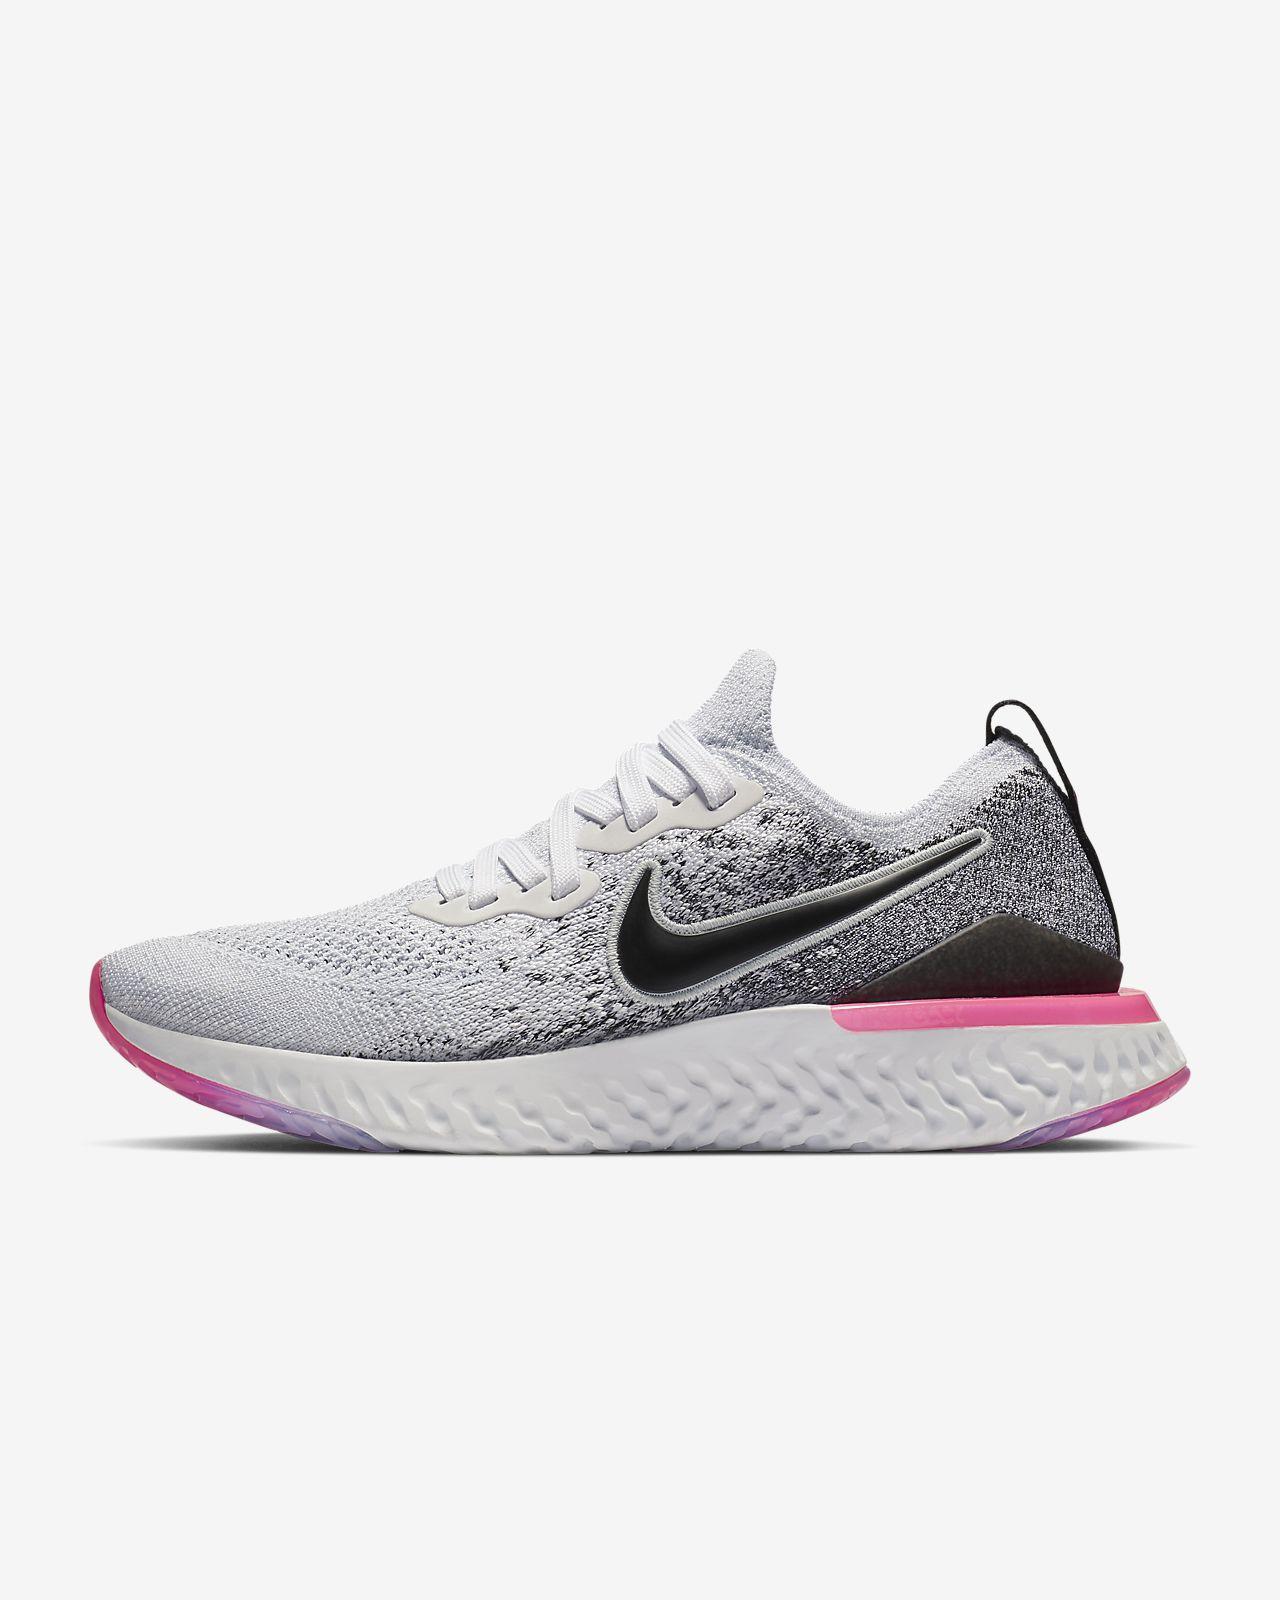 7fe8ba0117f6 Nike Epic React Flyknit 2 Women s Running Shoe. Nike.com DK